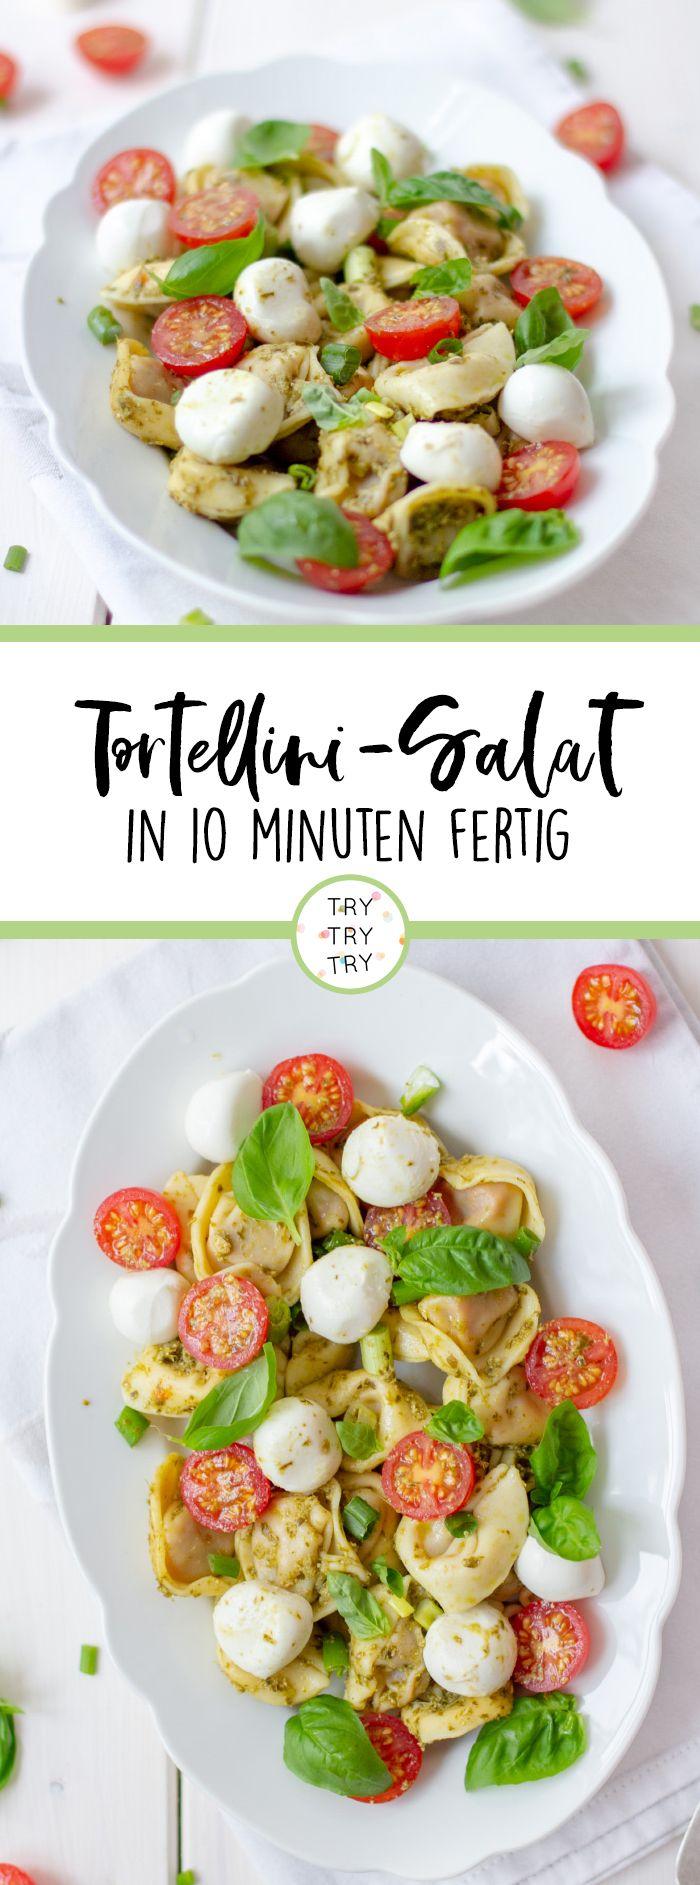 Italienischer Tortellini-Salat - Das perfekte Rezept für Partys, Geburtstage oder andere Anlässe. Dieser sommerliche Salat ist in 10 Minuten fertig. Ganz schnell und einfach nachmachen. #schnellepartyrezepte